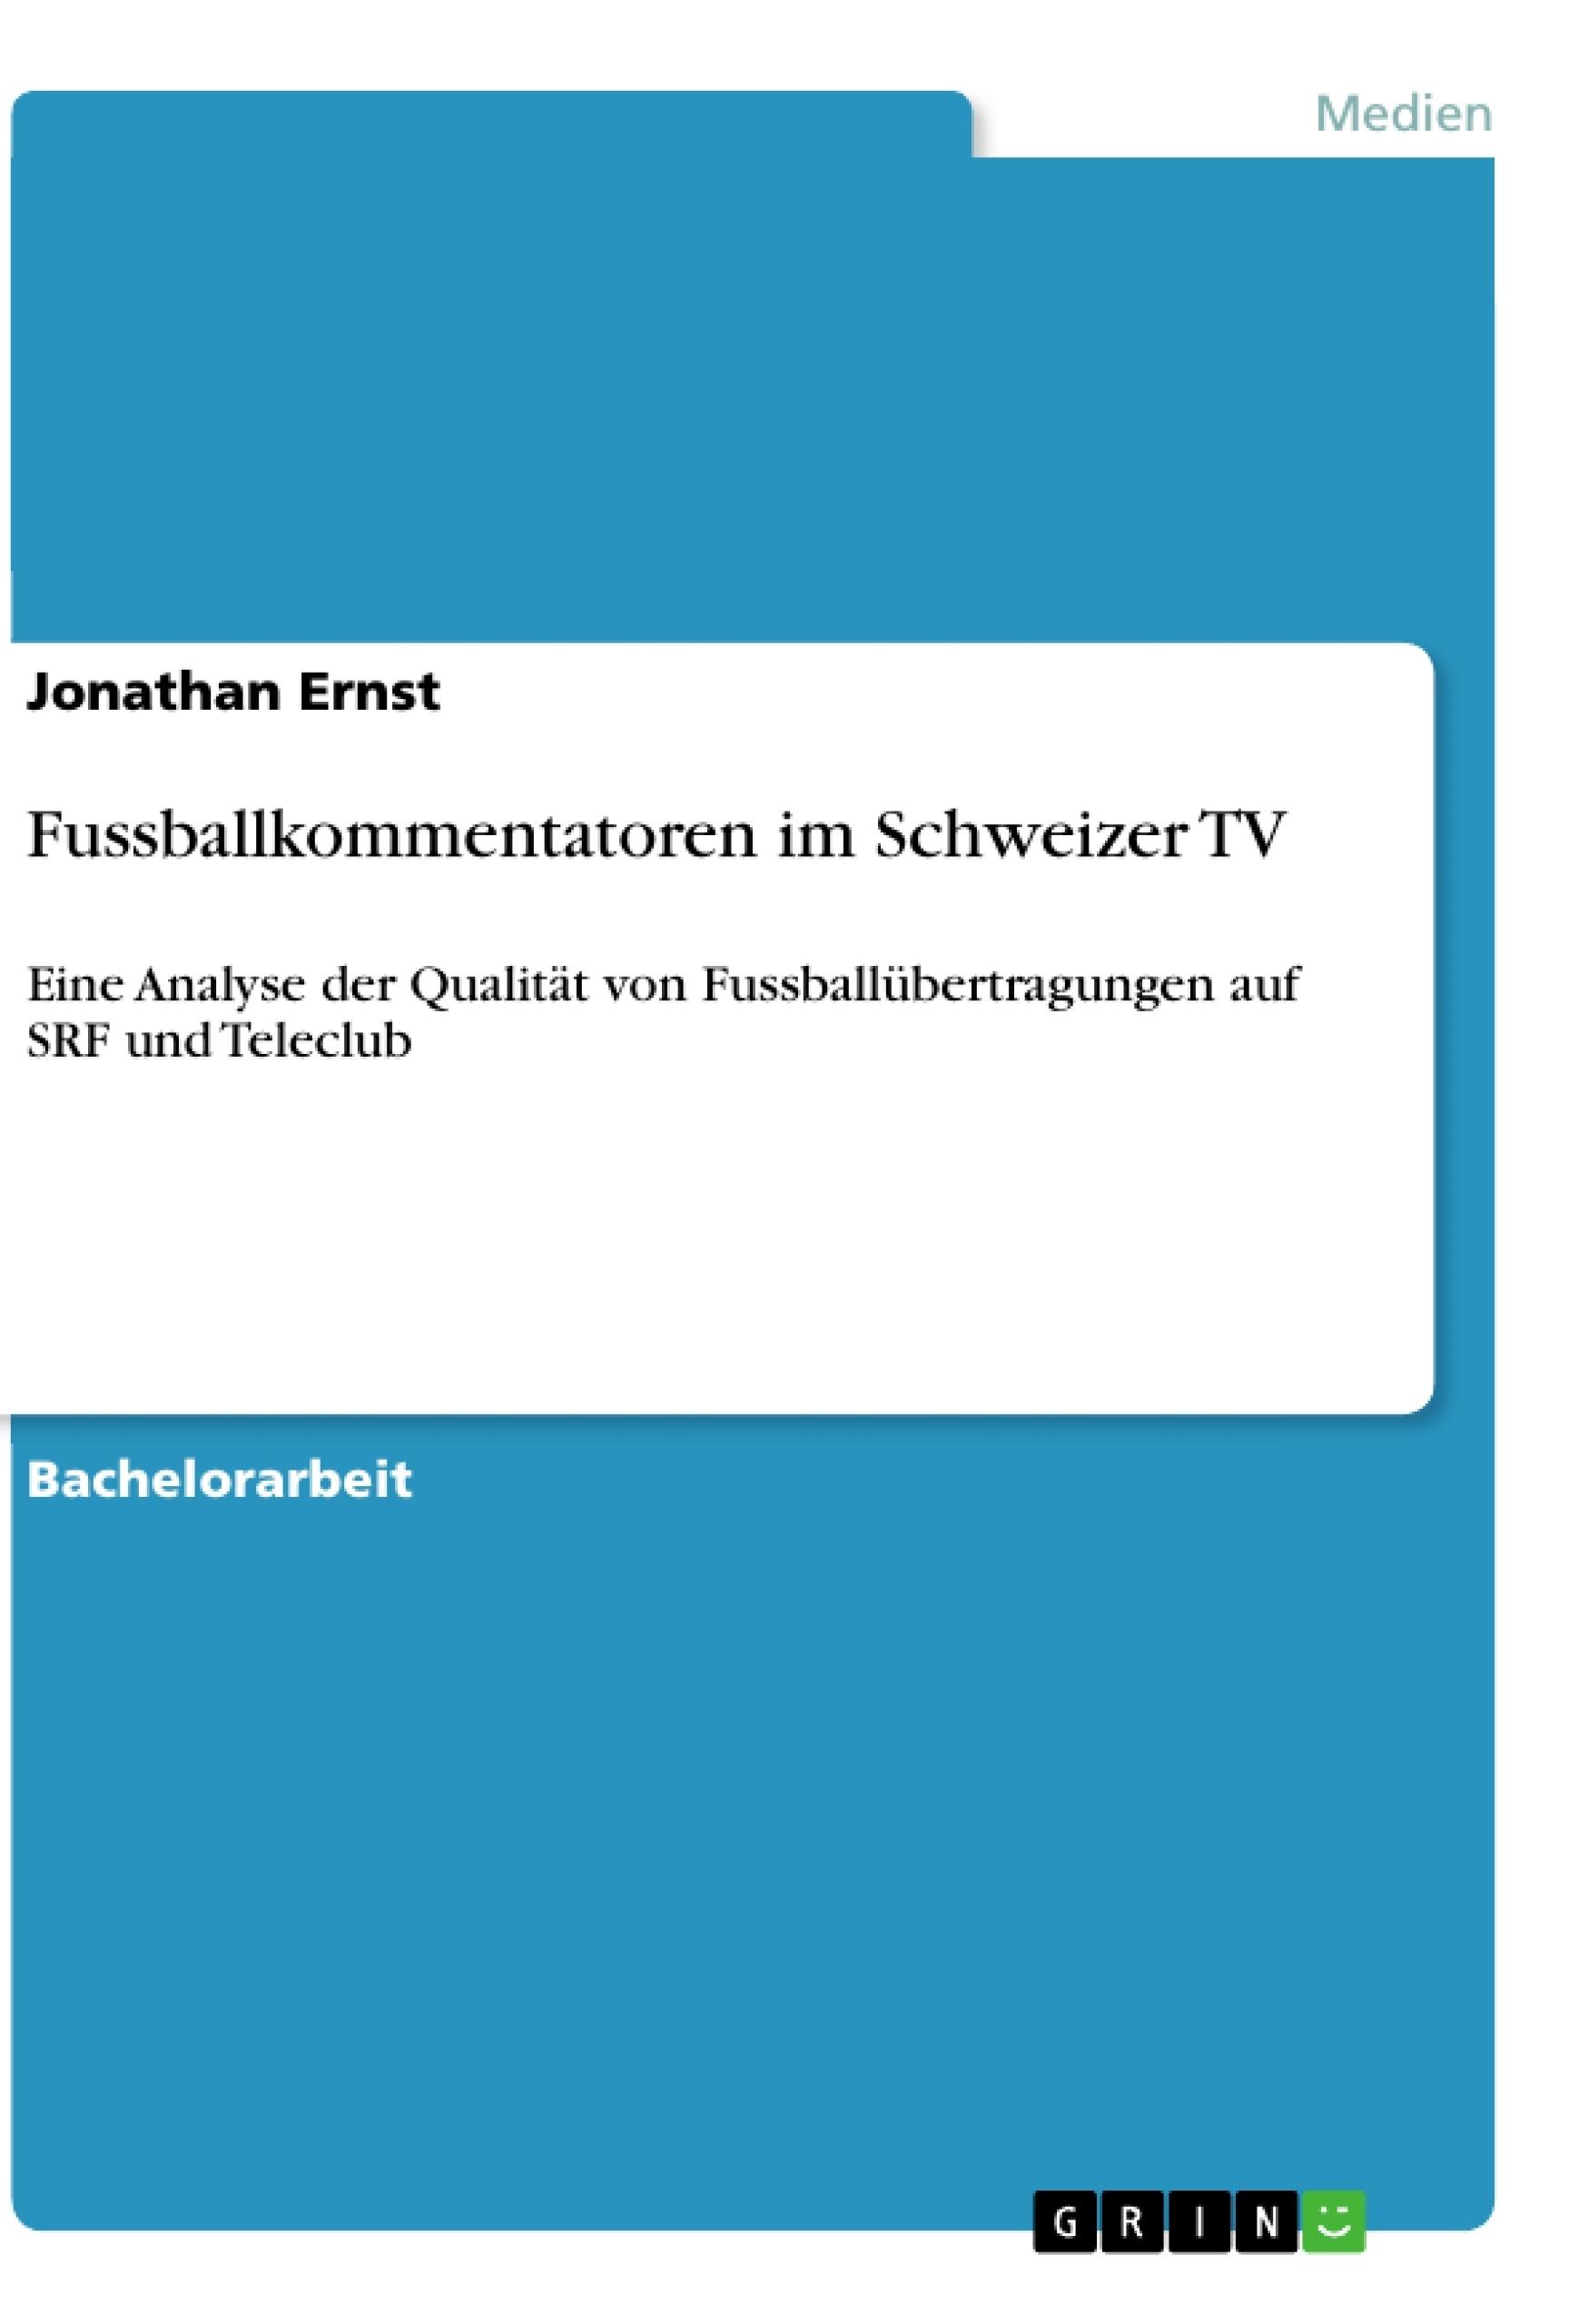 Titel: Fussballkommentatoren im Schweizer TV